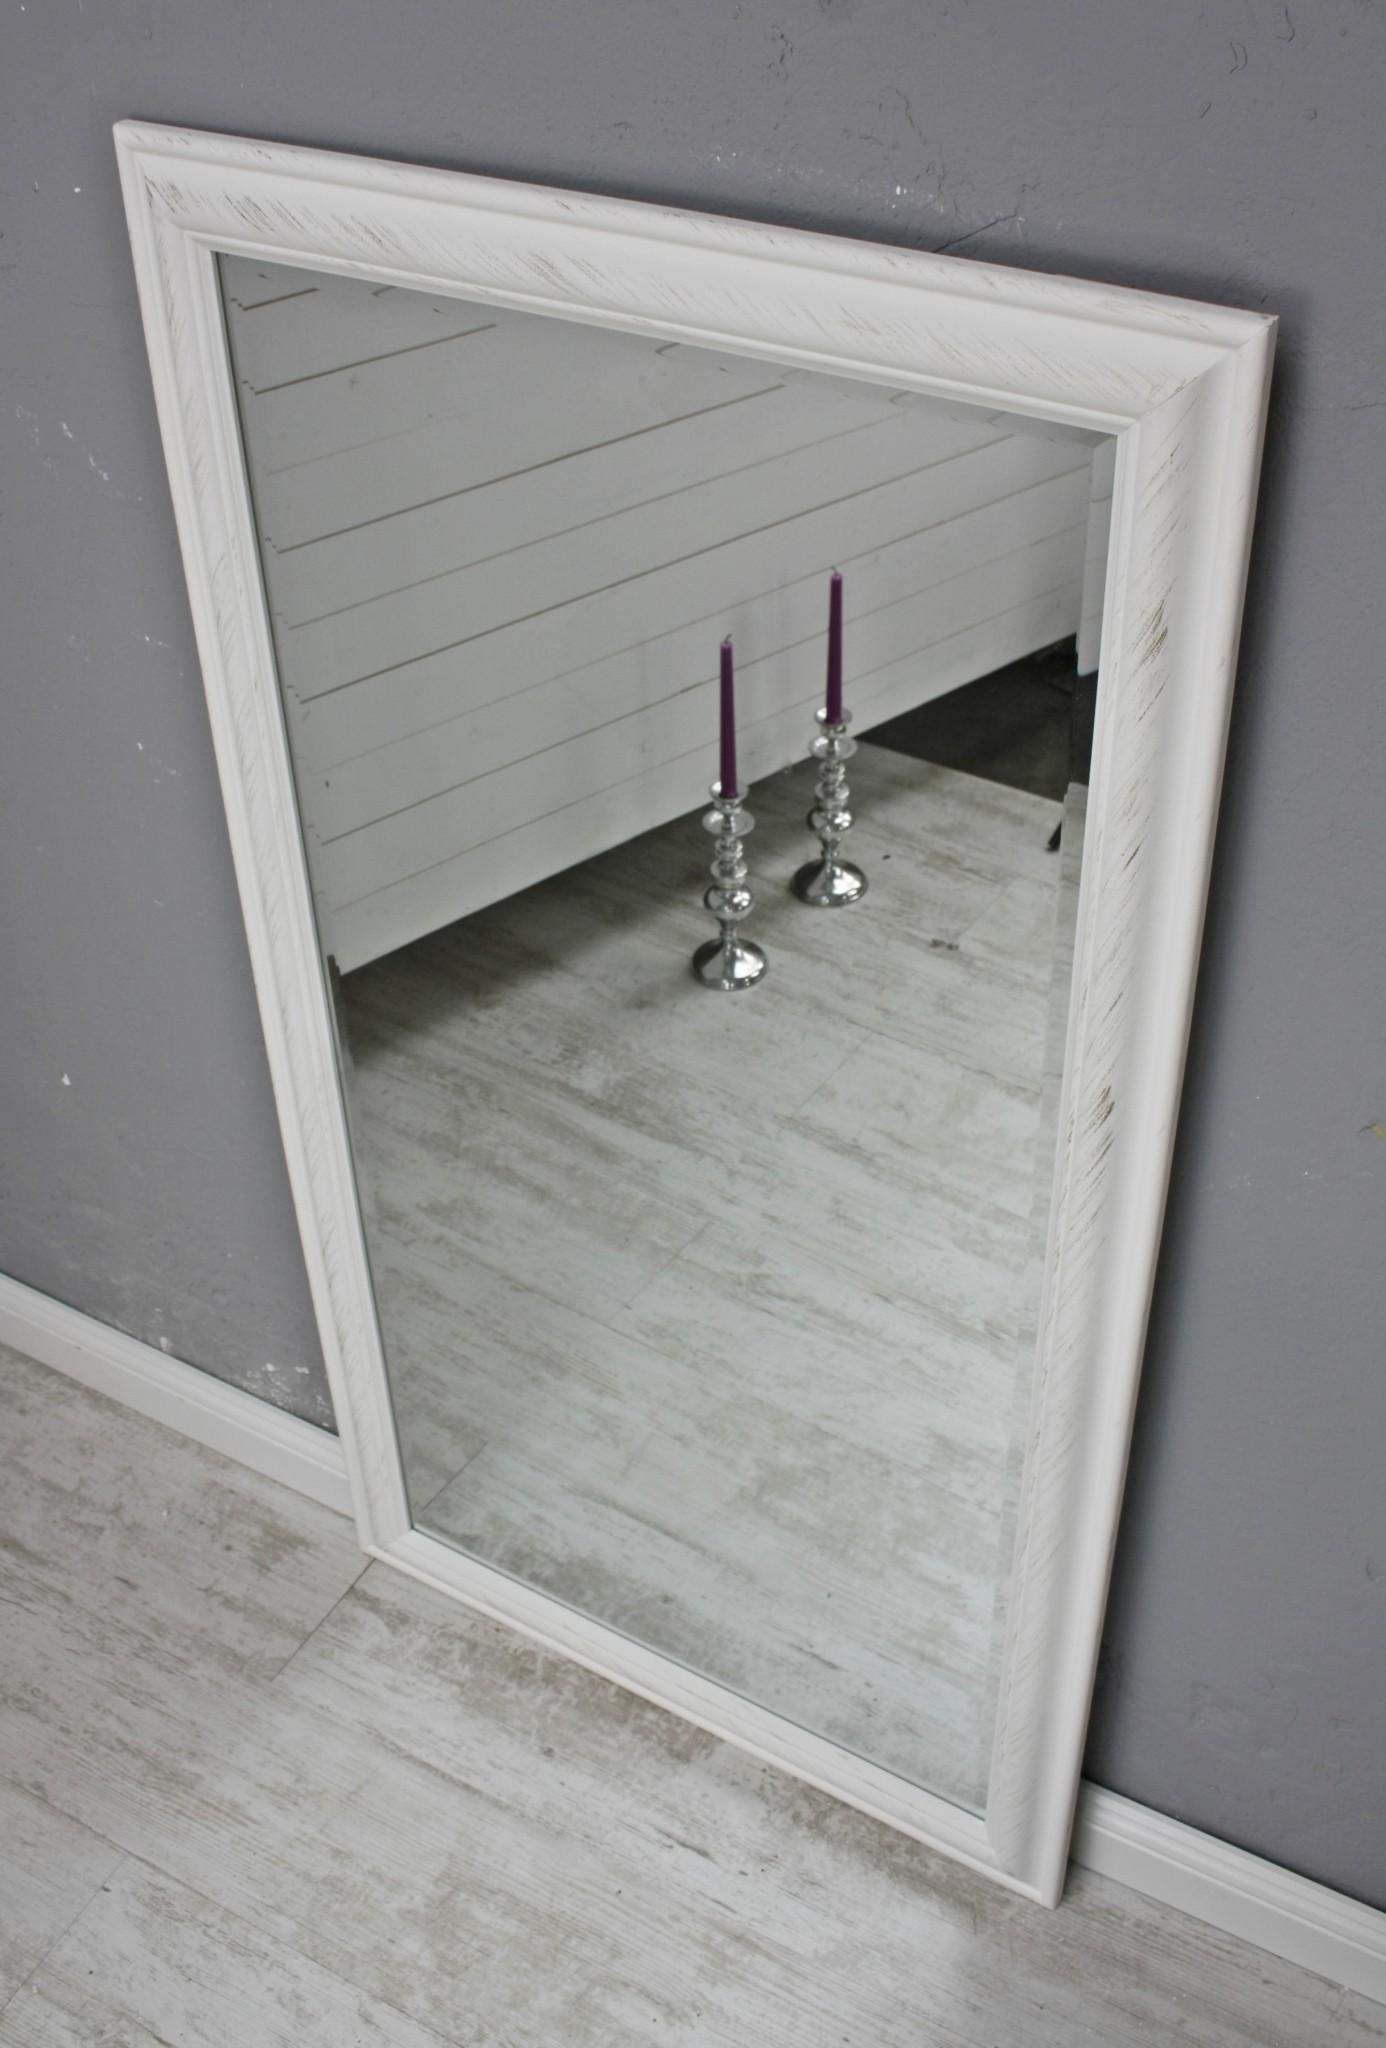 spiegel 132 wandspiegel standspiegel wei holz landhaus holzrahmen badspiegel ebay. Black Bedroom Furniture Sets. Home Design Ideas